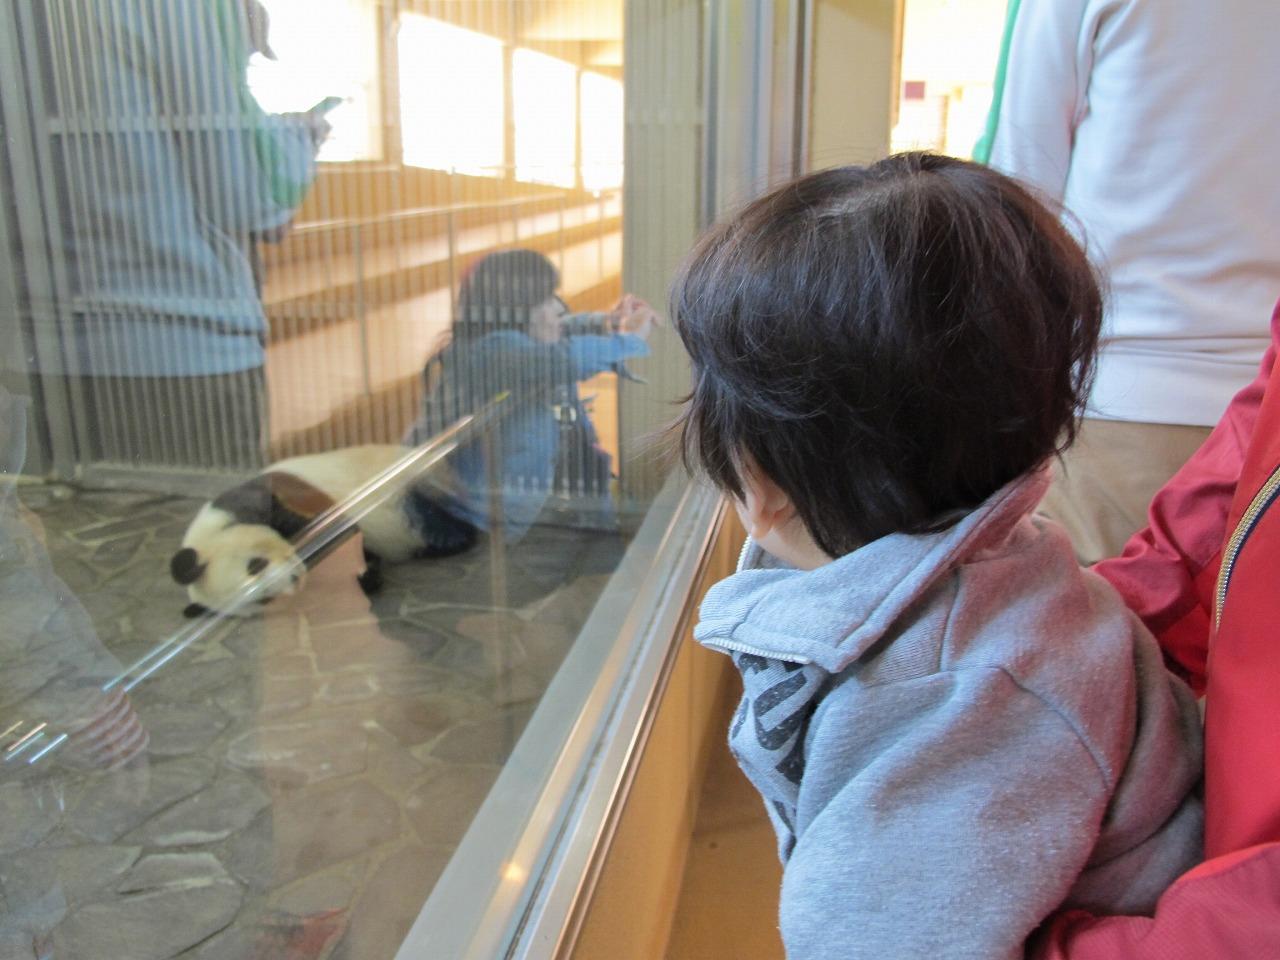 王子動物園のパンダ旦旦たんたん